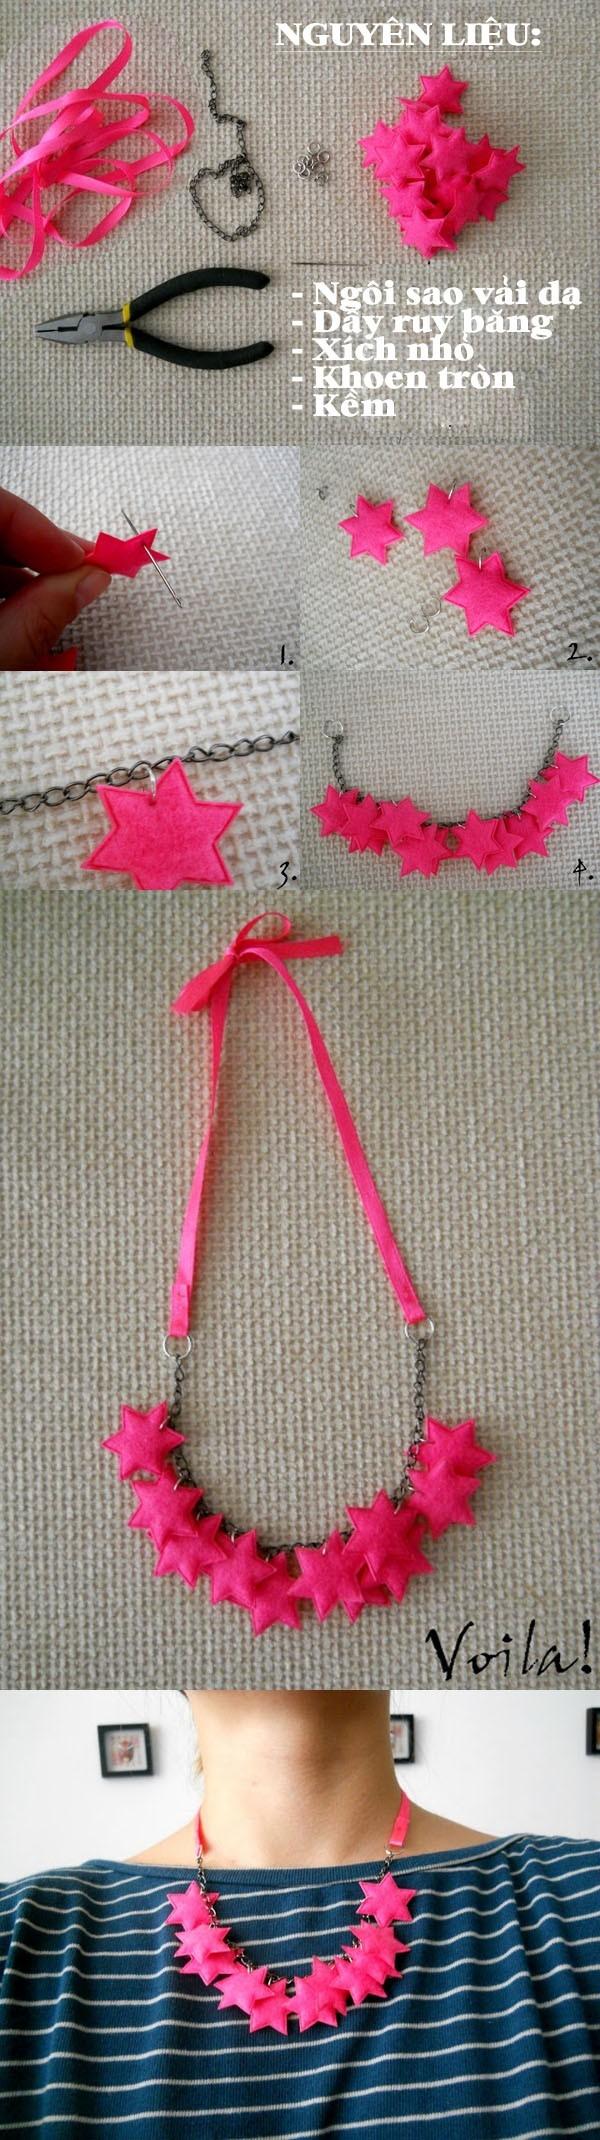 DIY Star Necklace Tutorial